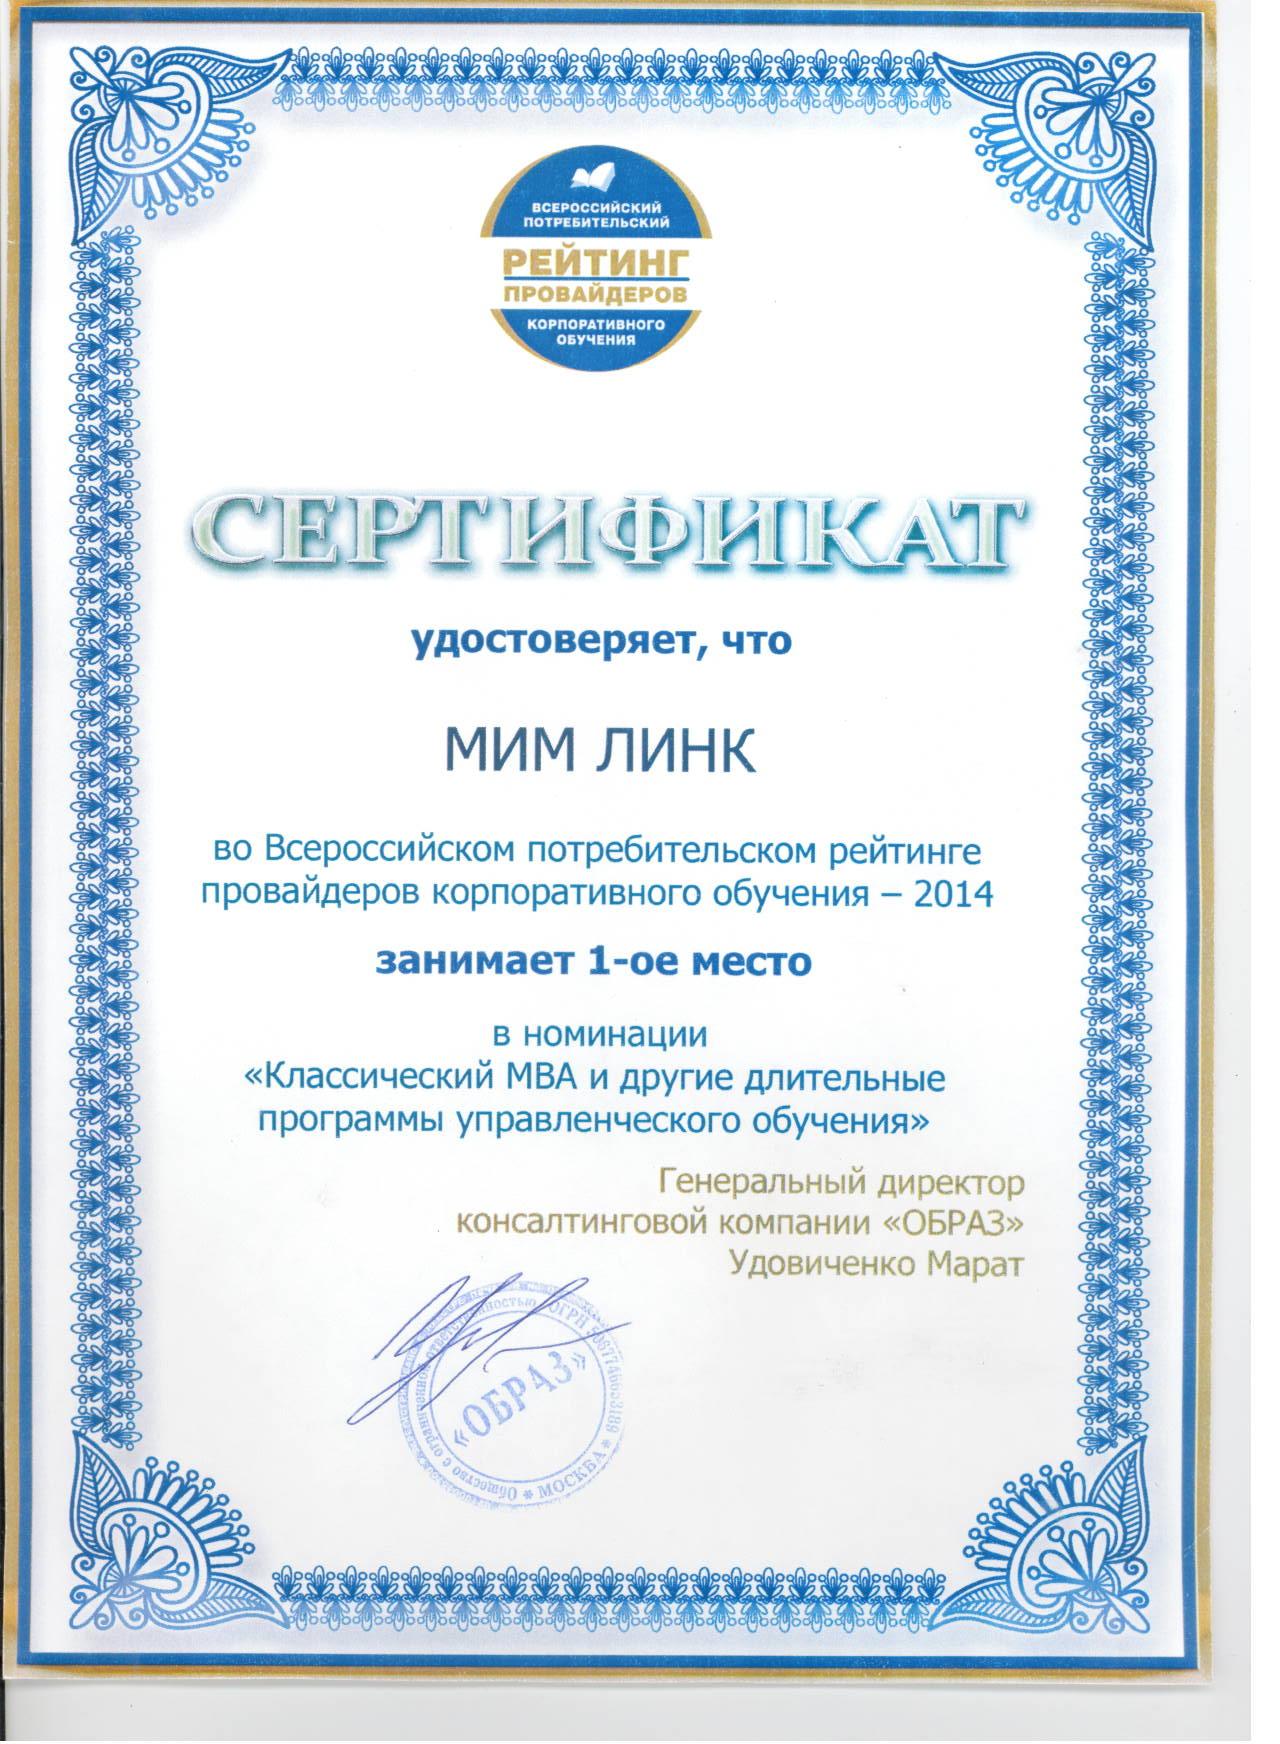 МИМ ЛИНК на первом месте во Всероссийском потребительском рейтинге!